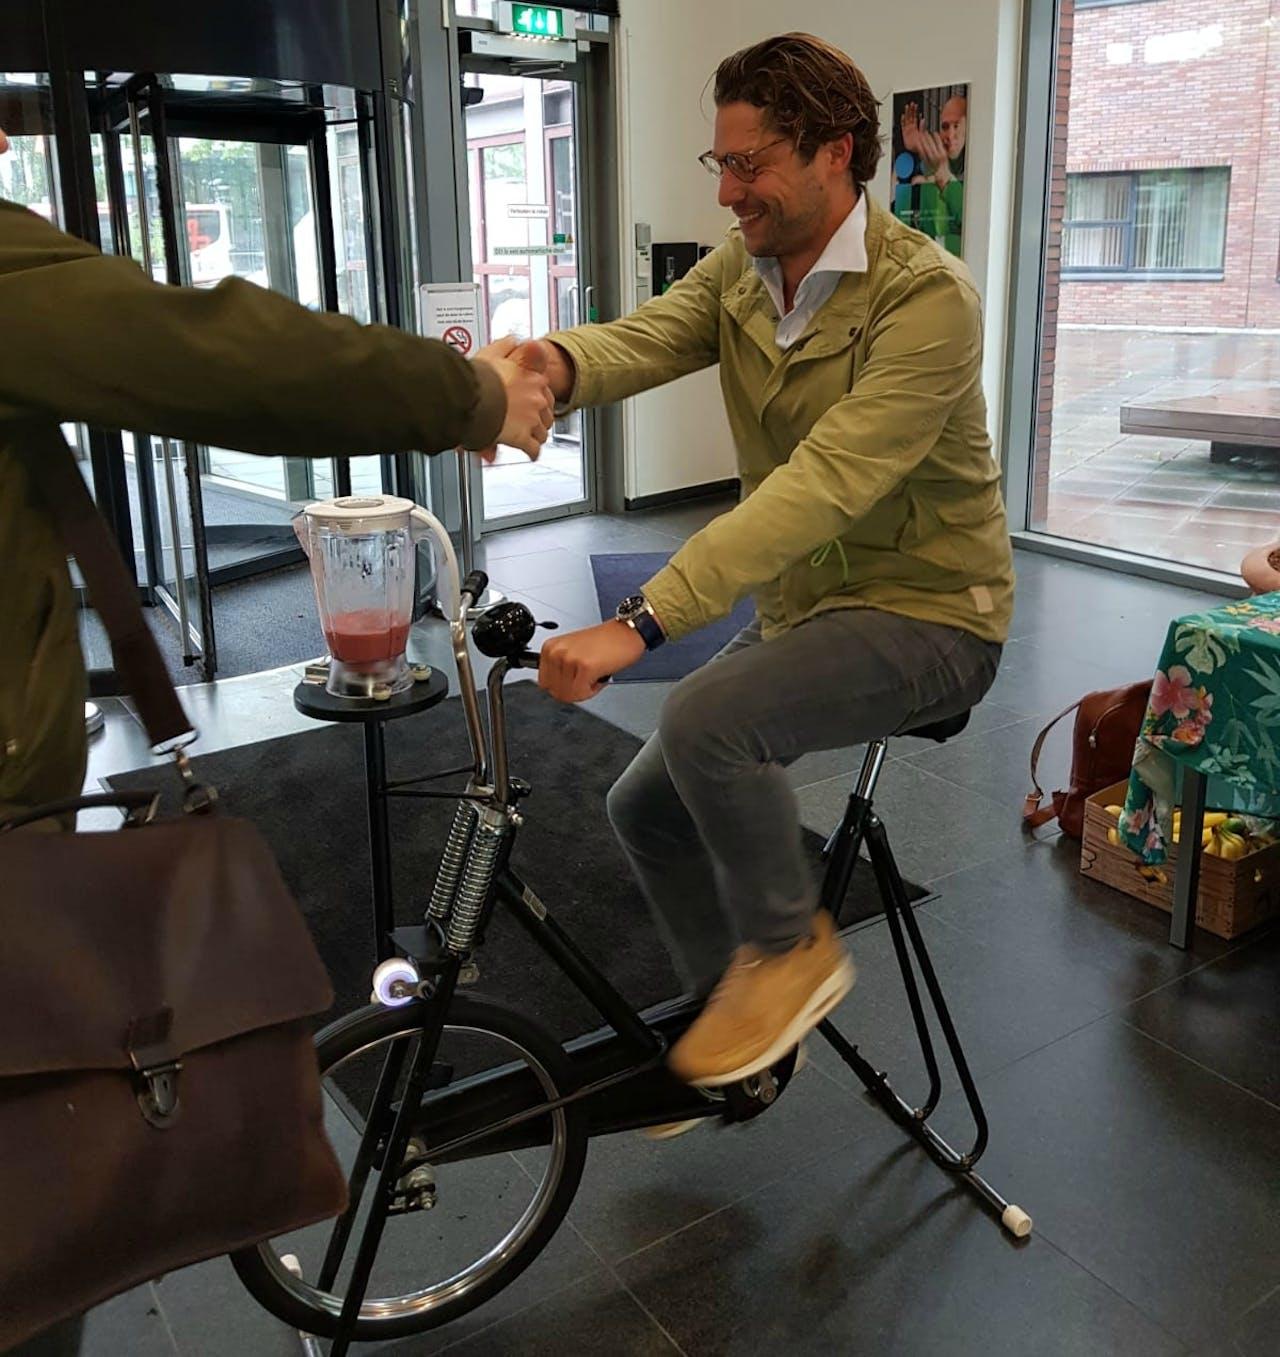 Medewerker van KPN op de fiets